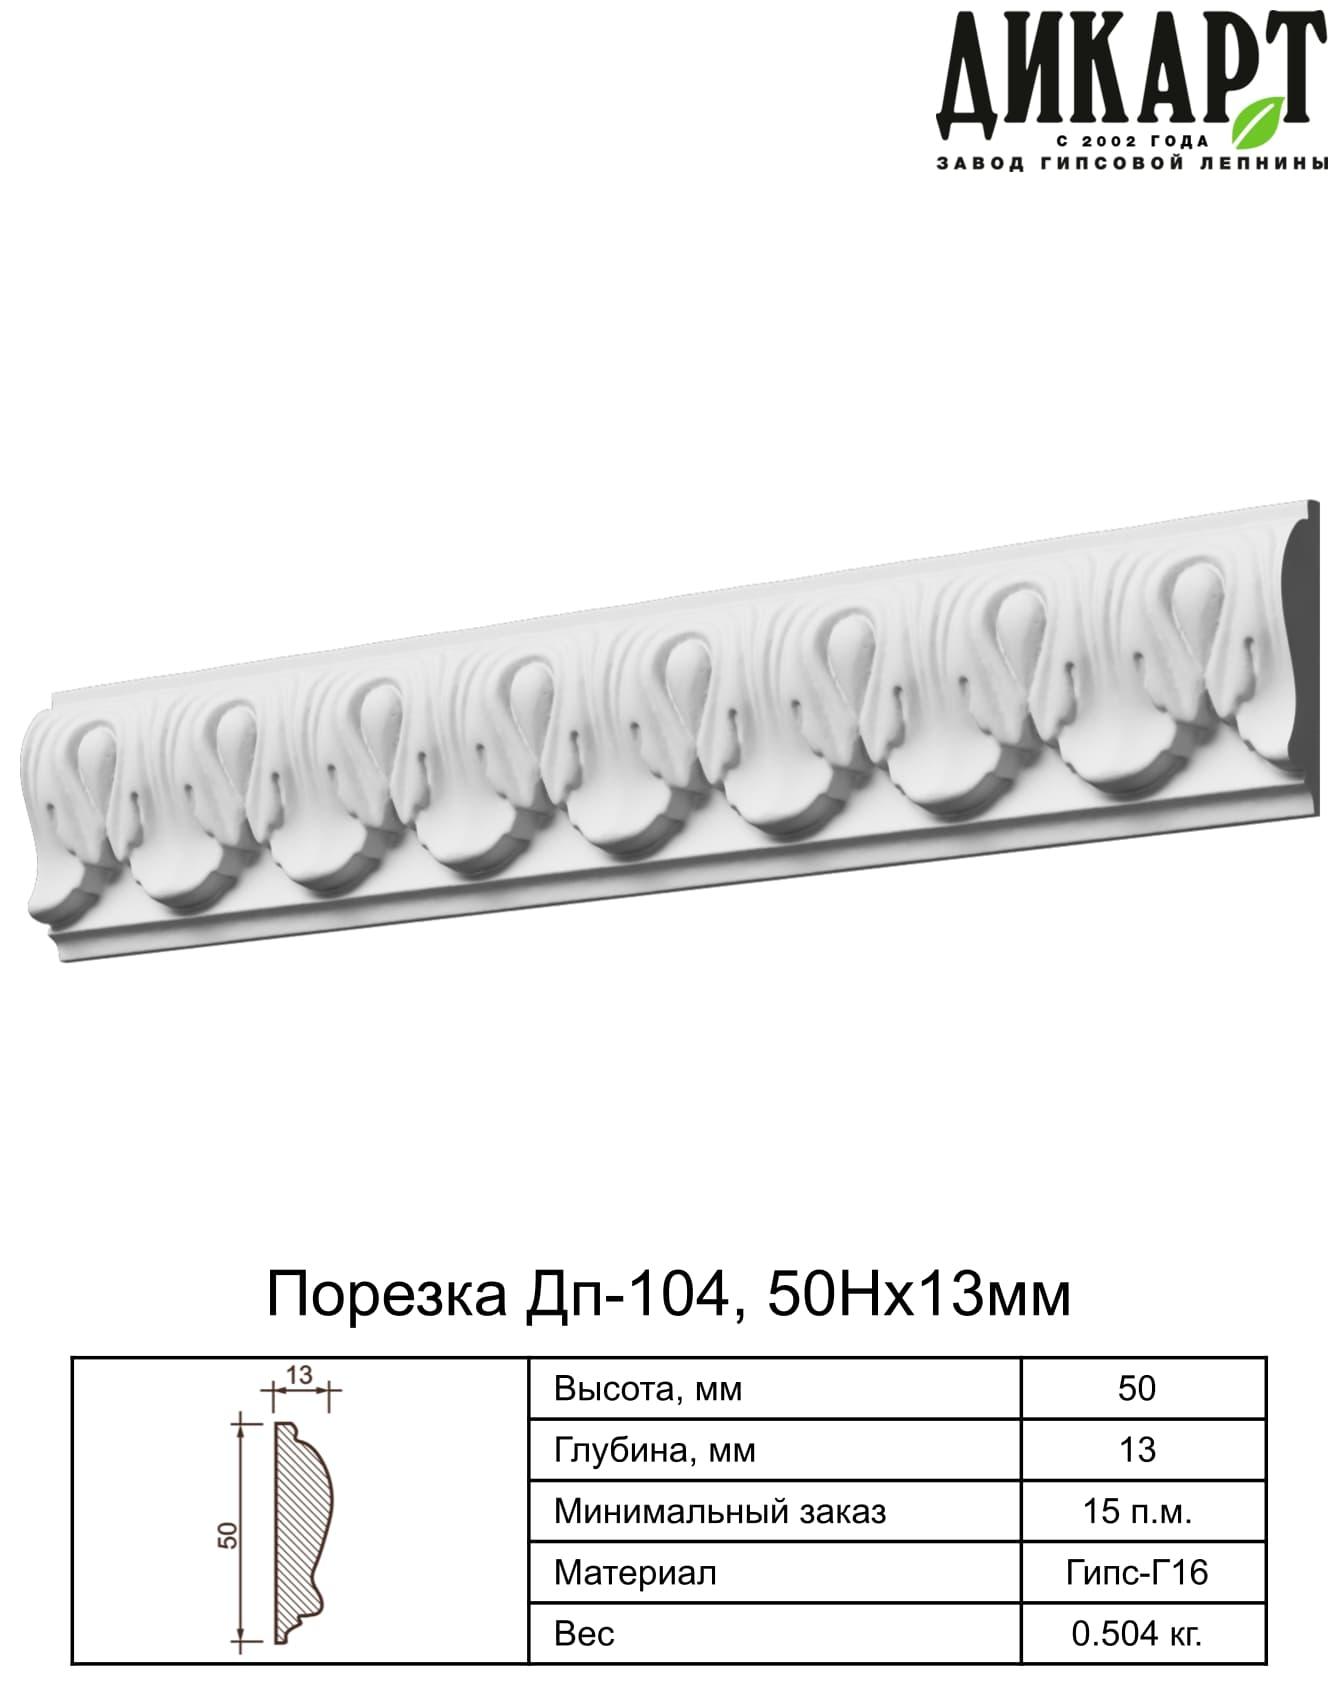 Порезка_Дп-104